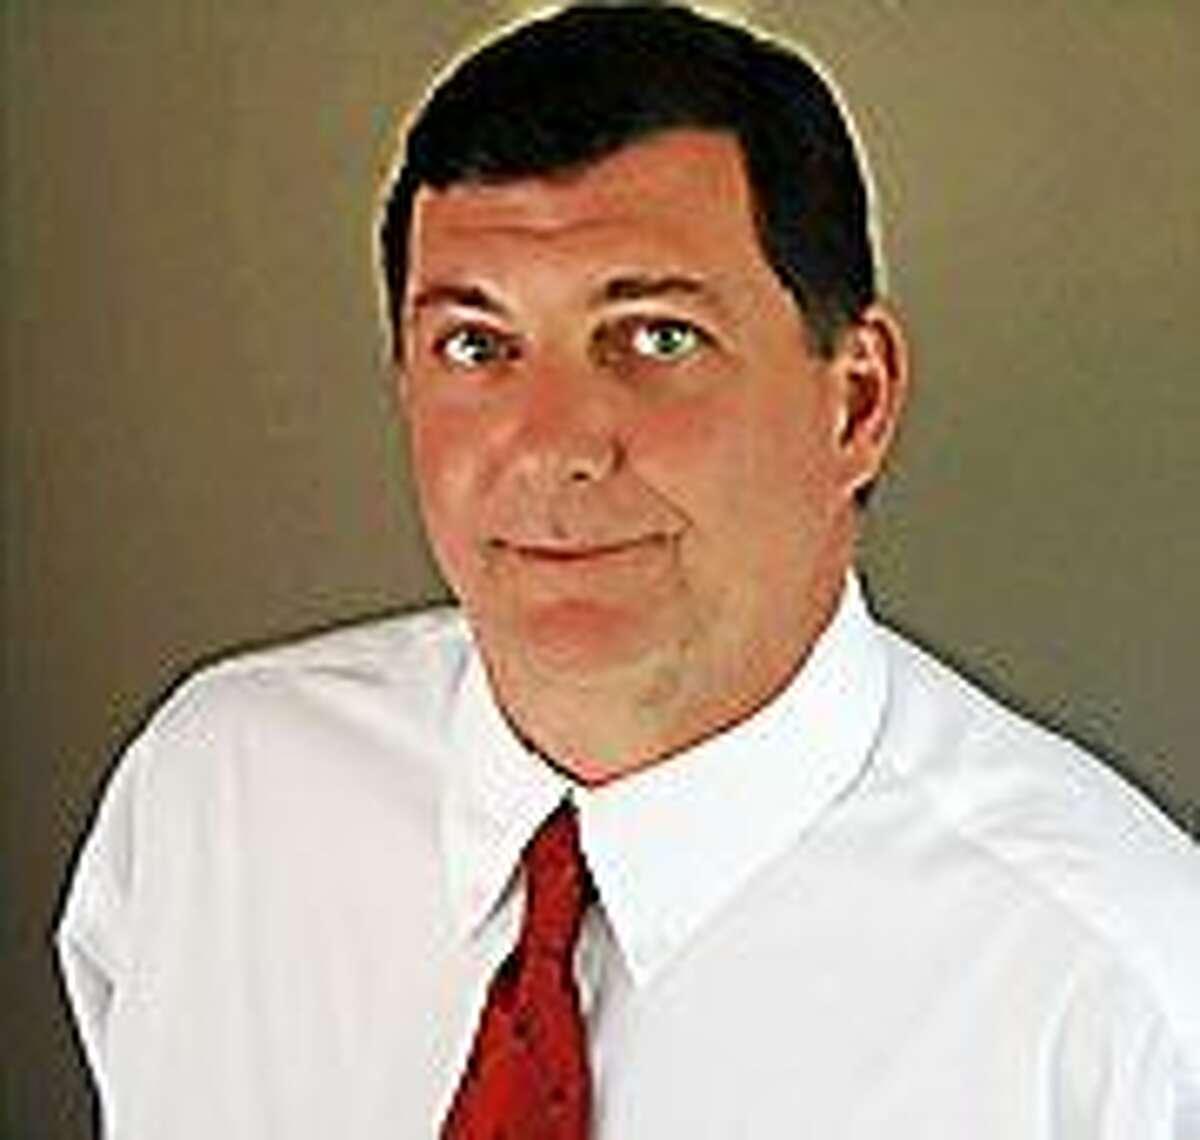 West Haven Mayor Ed O'Brien